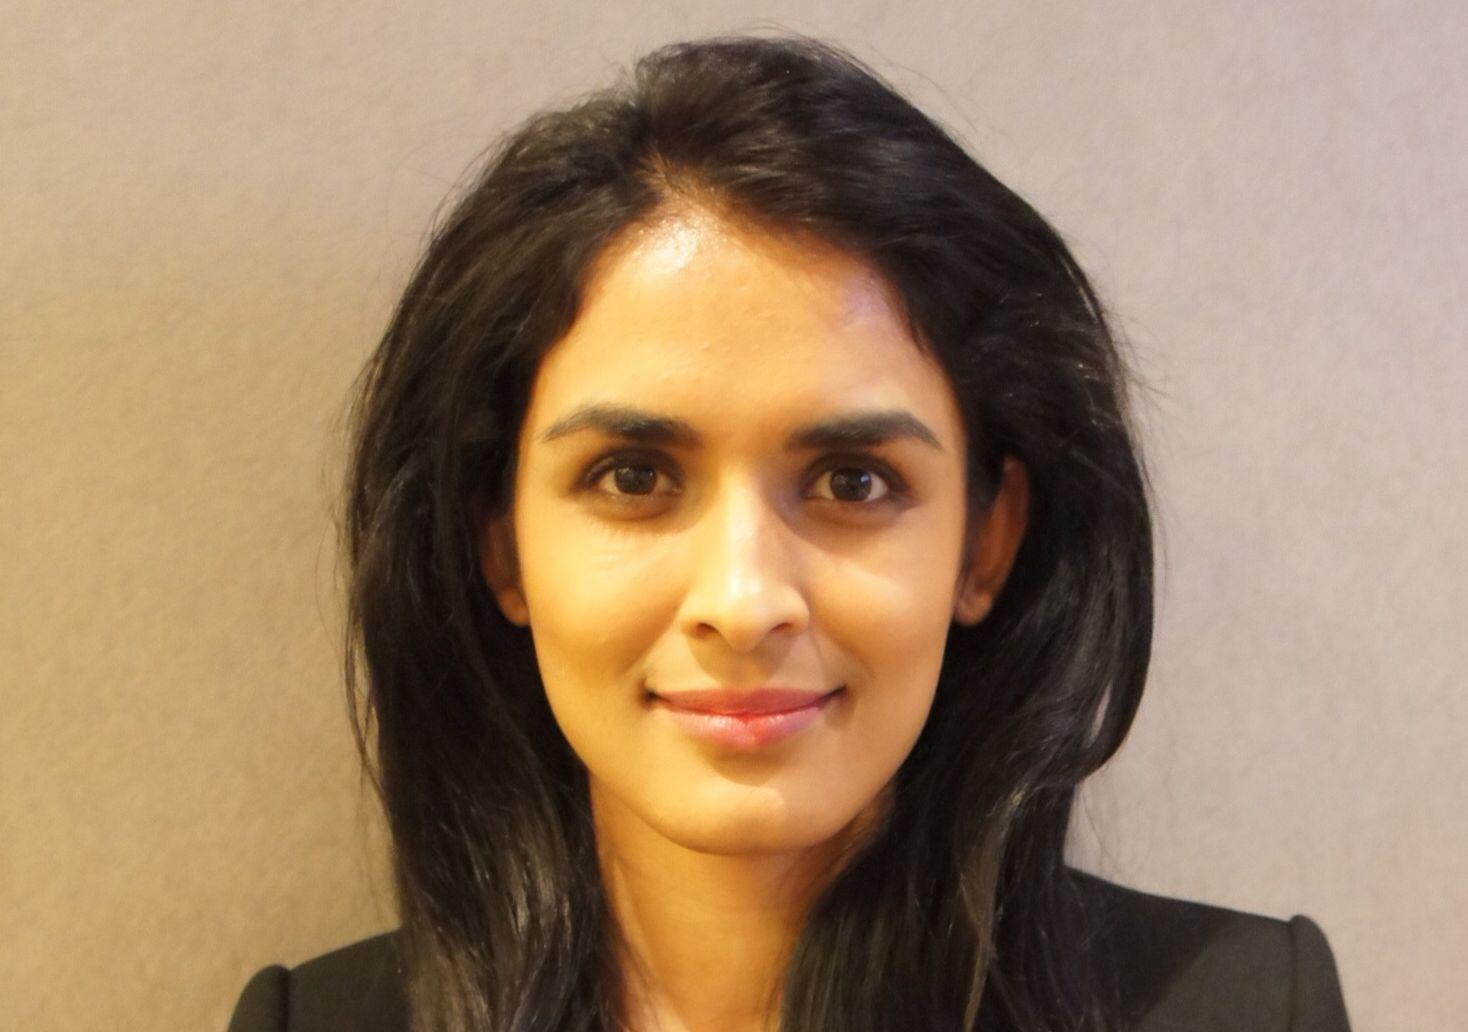 FEIL TALL: Saida R. Begum presenterte feil tall hos NRK i forbindelse med elever som kommer inn på førstevalg av skole.